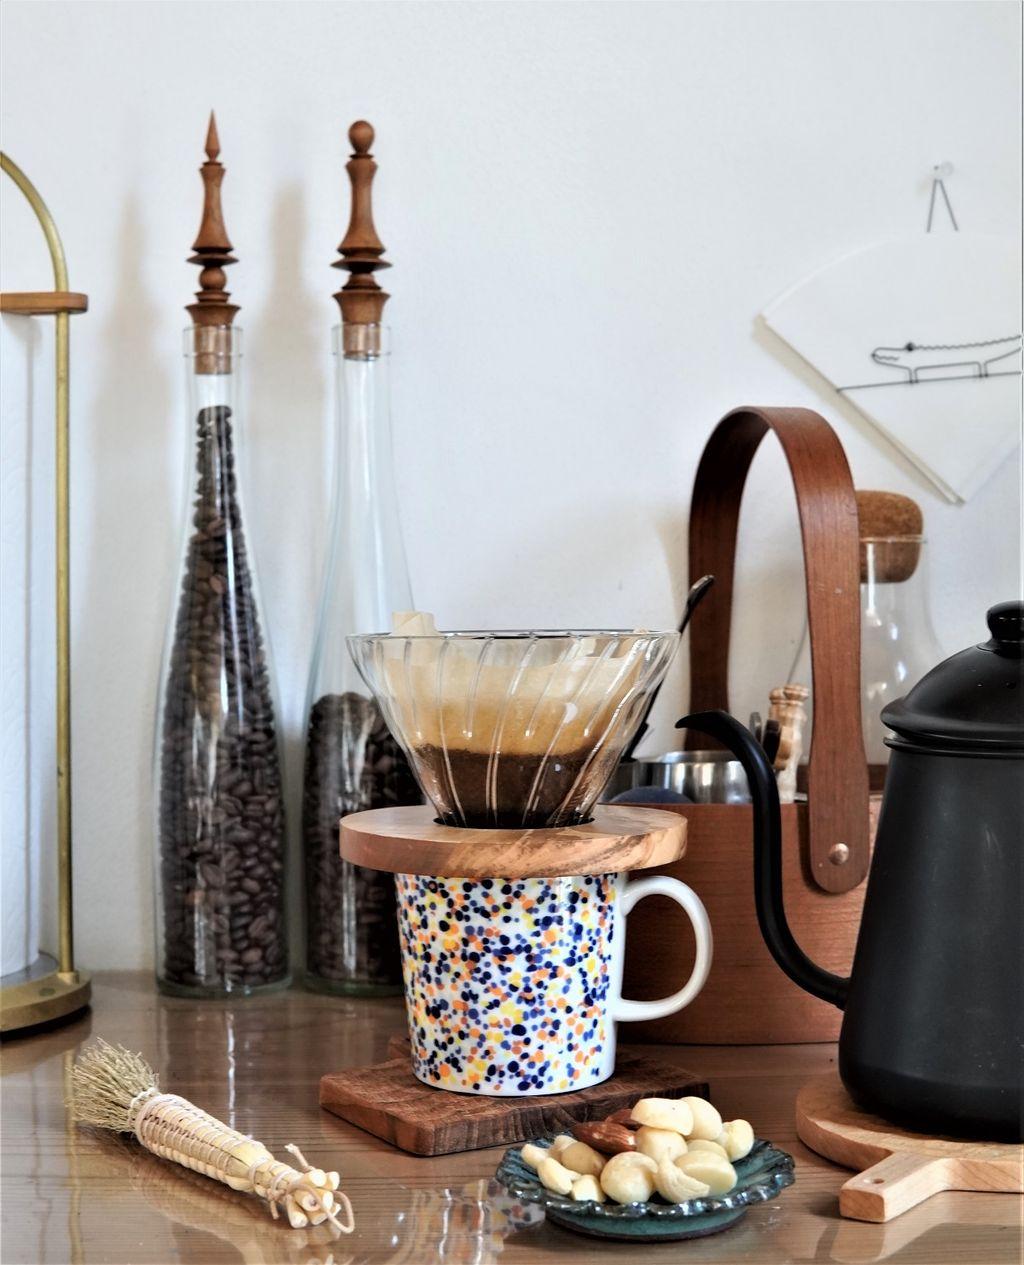 スコープマグ ドリップコーヒー